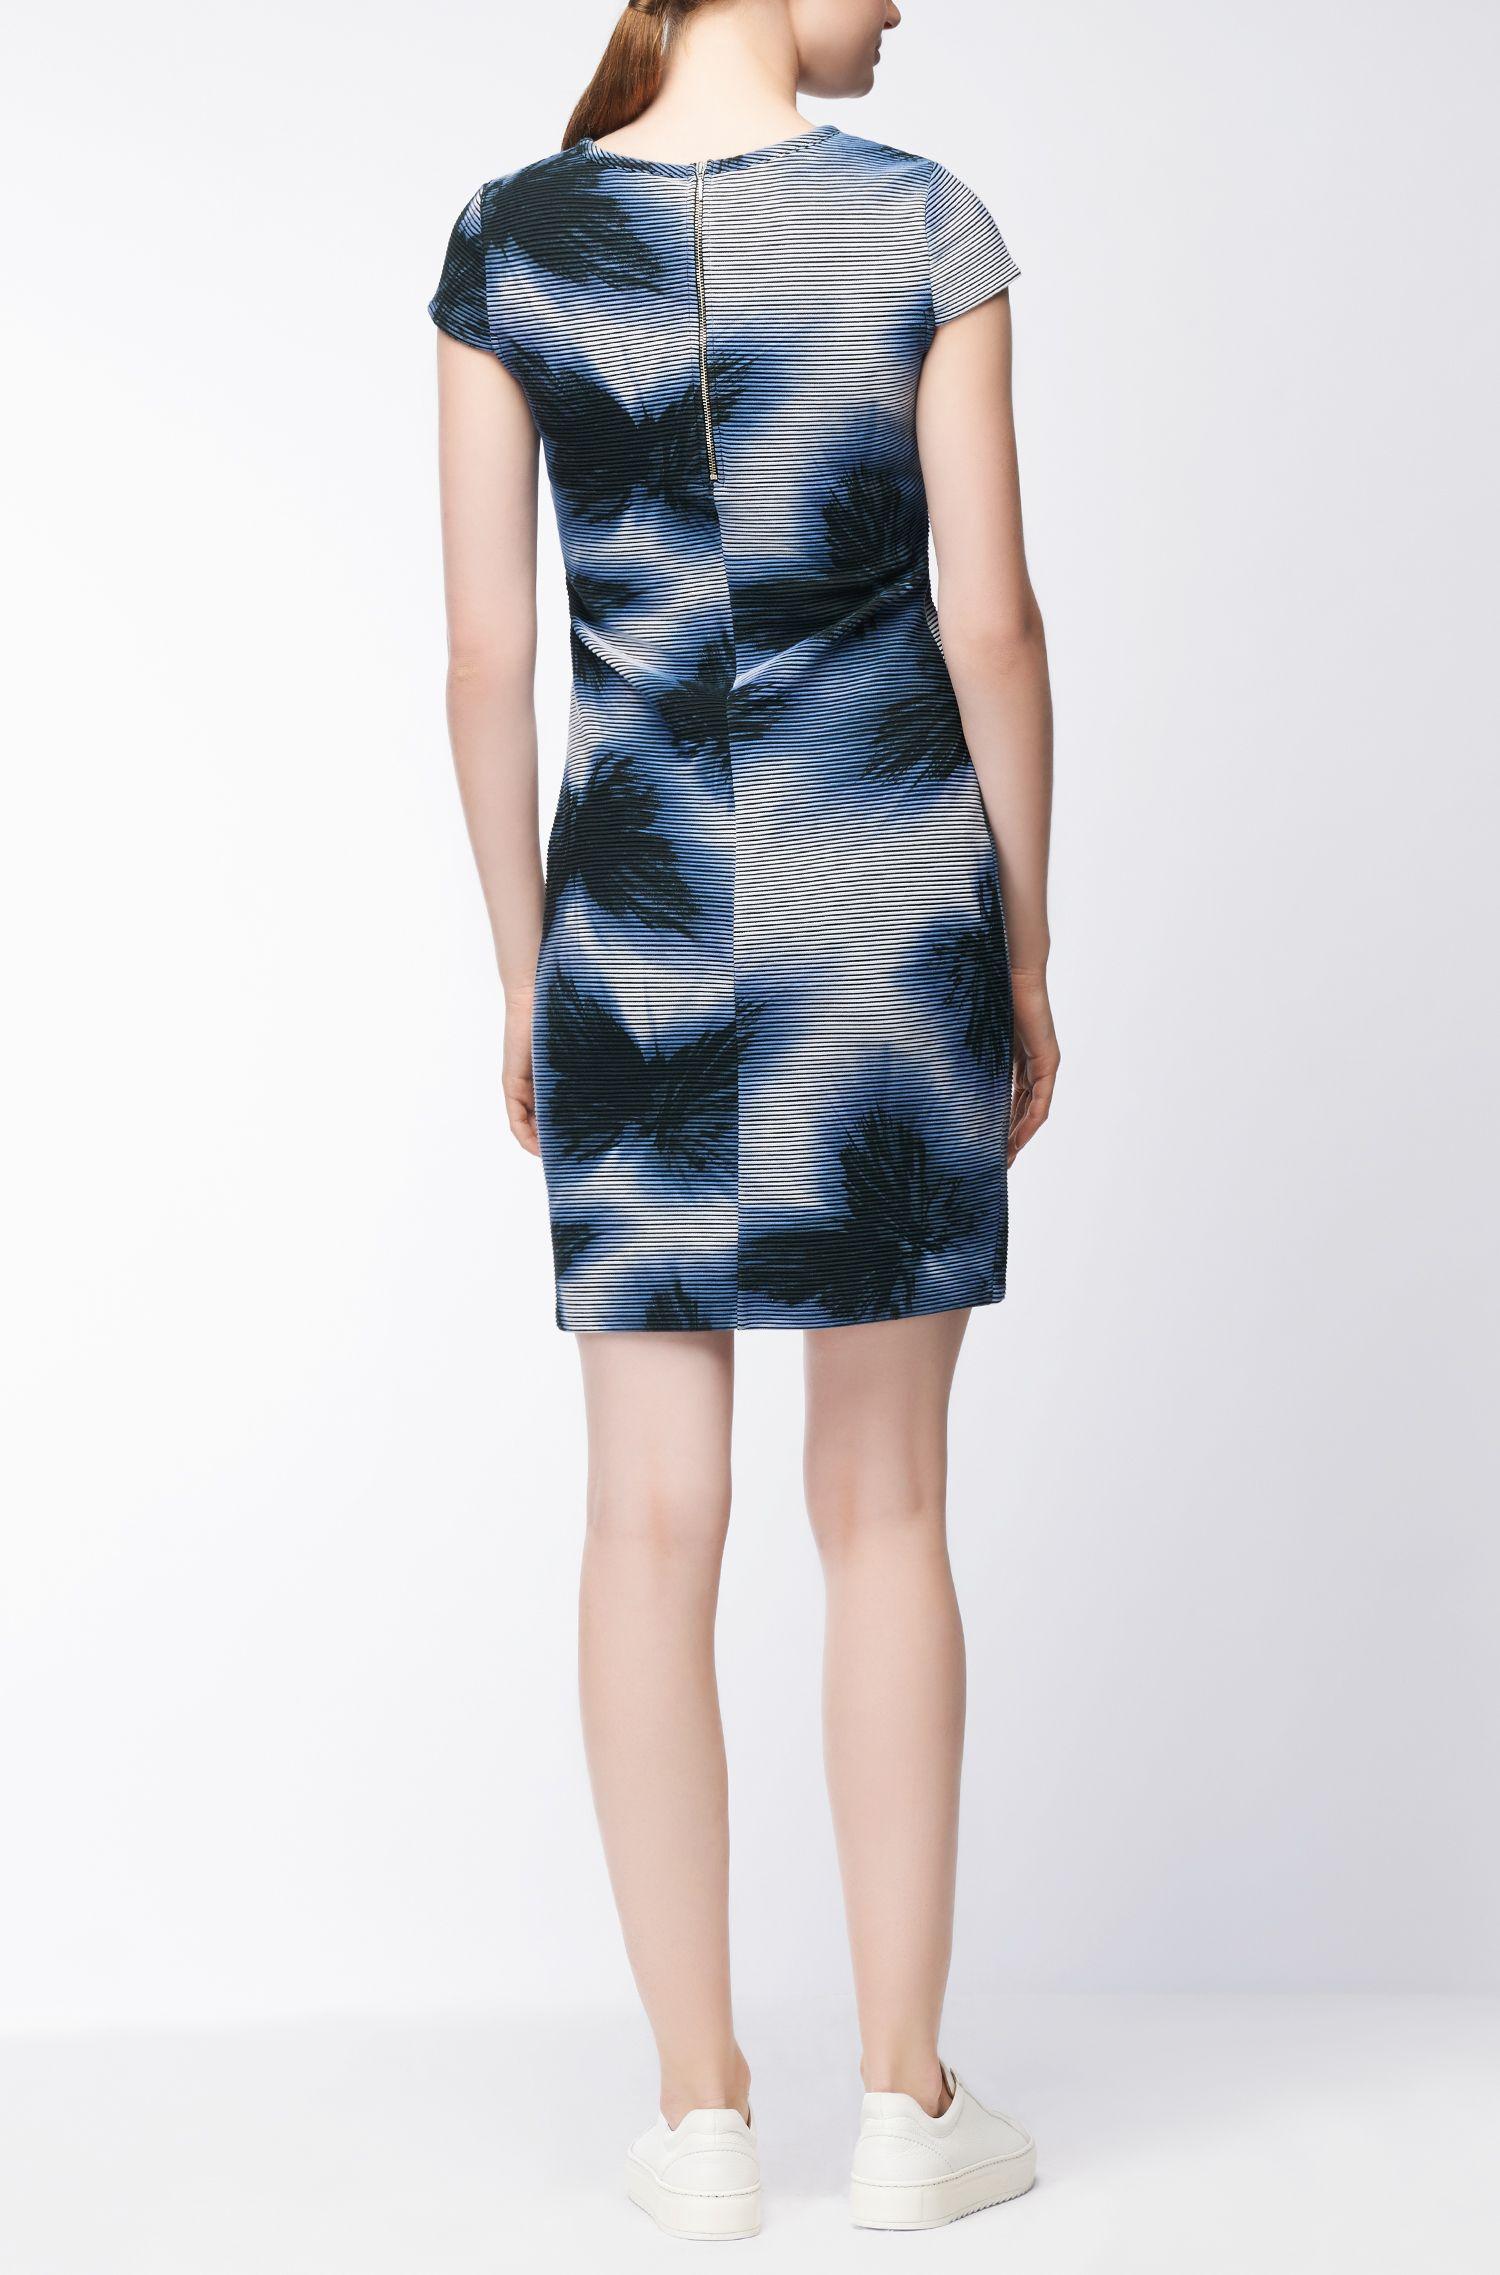 Bedrucktes Kleid aus Material-Mix mit Flügelärmeln BOSS Mit Mastercard Zum Verkauf Bestbewertet nACkr